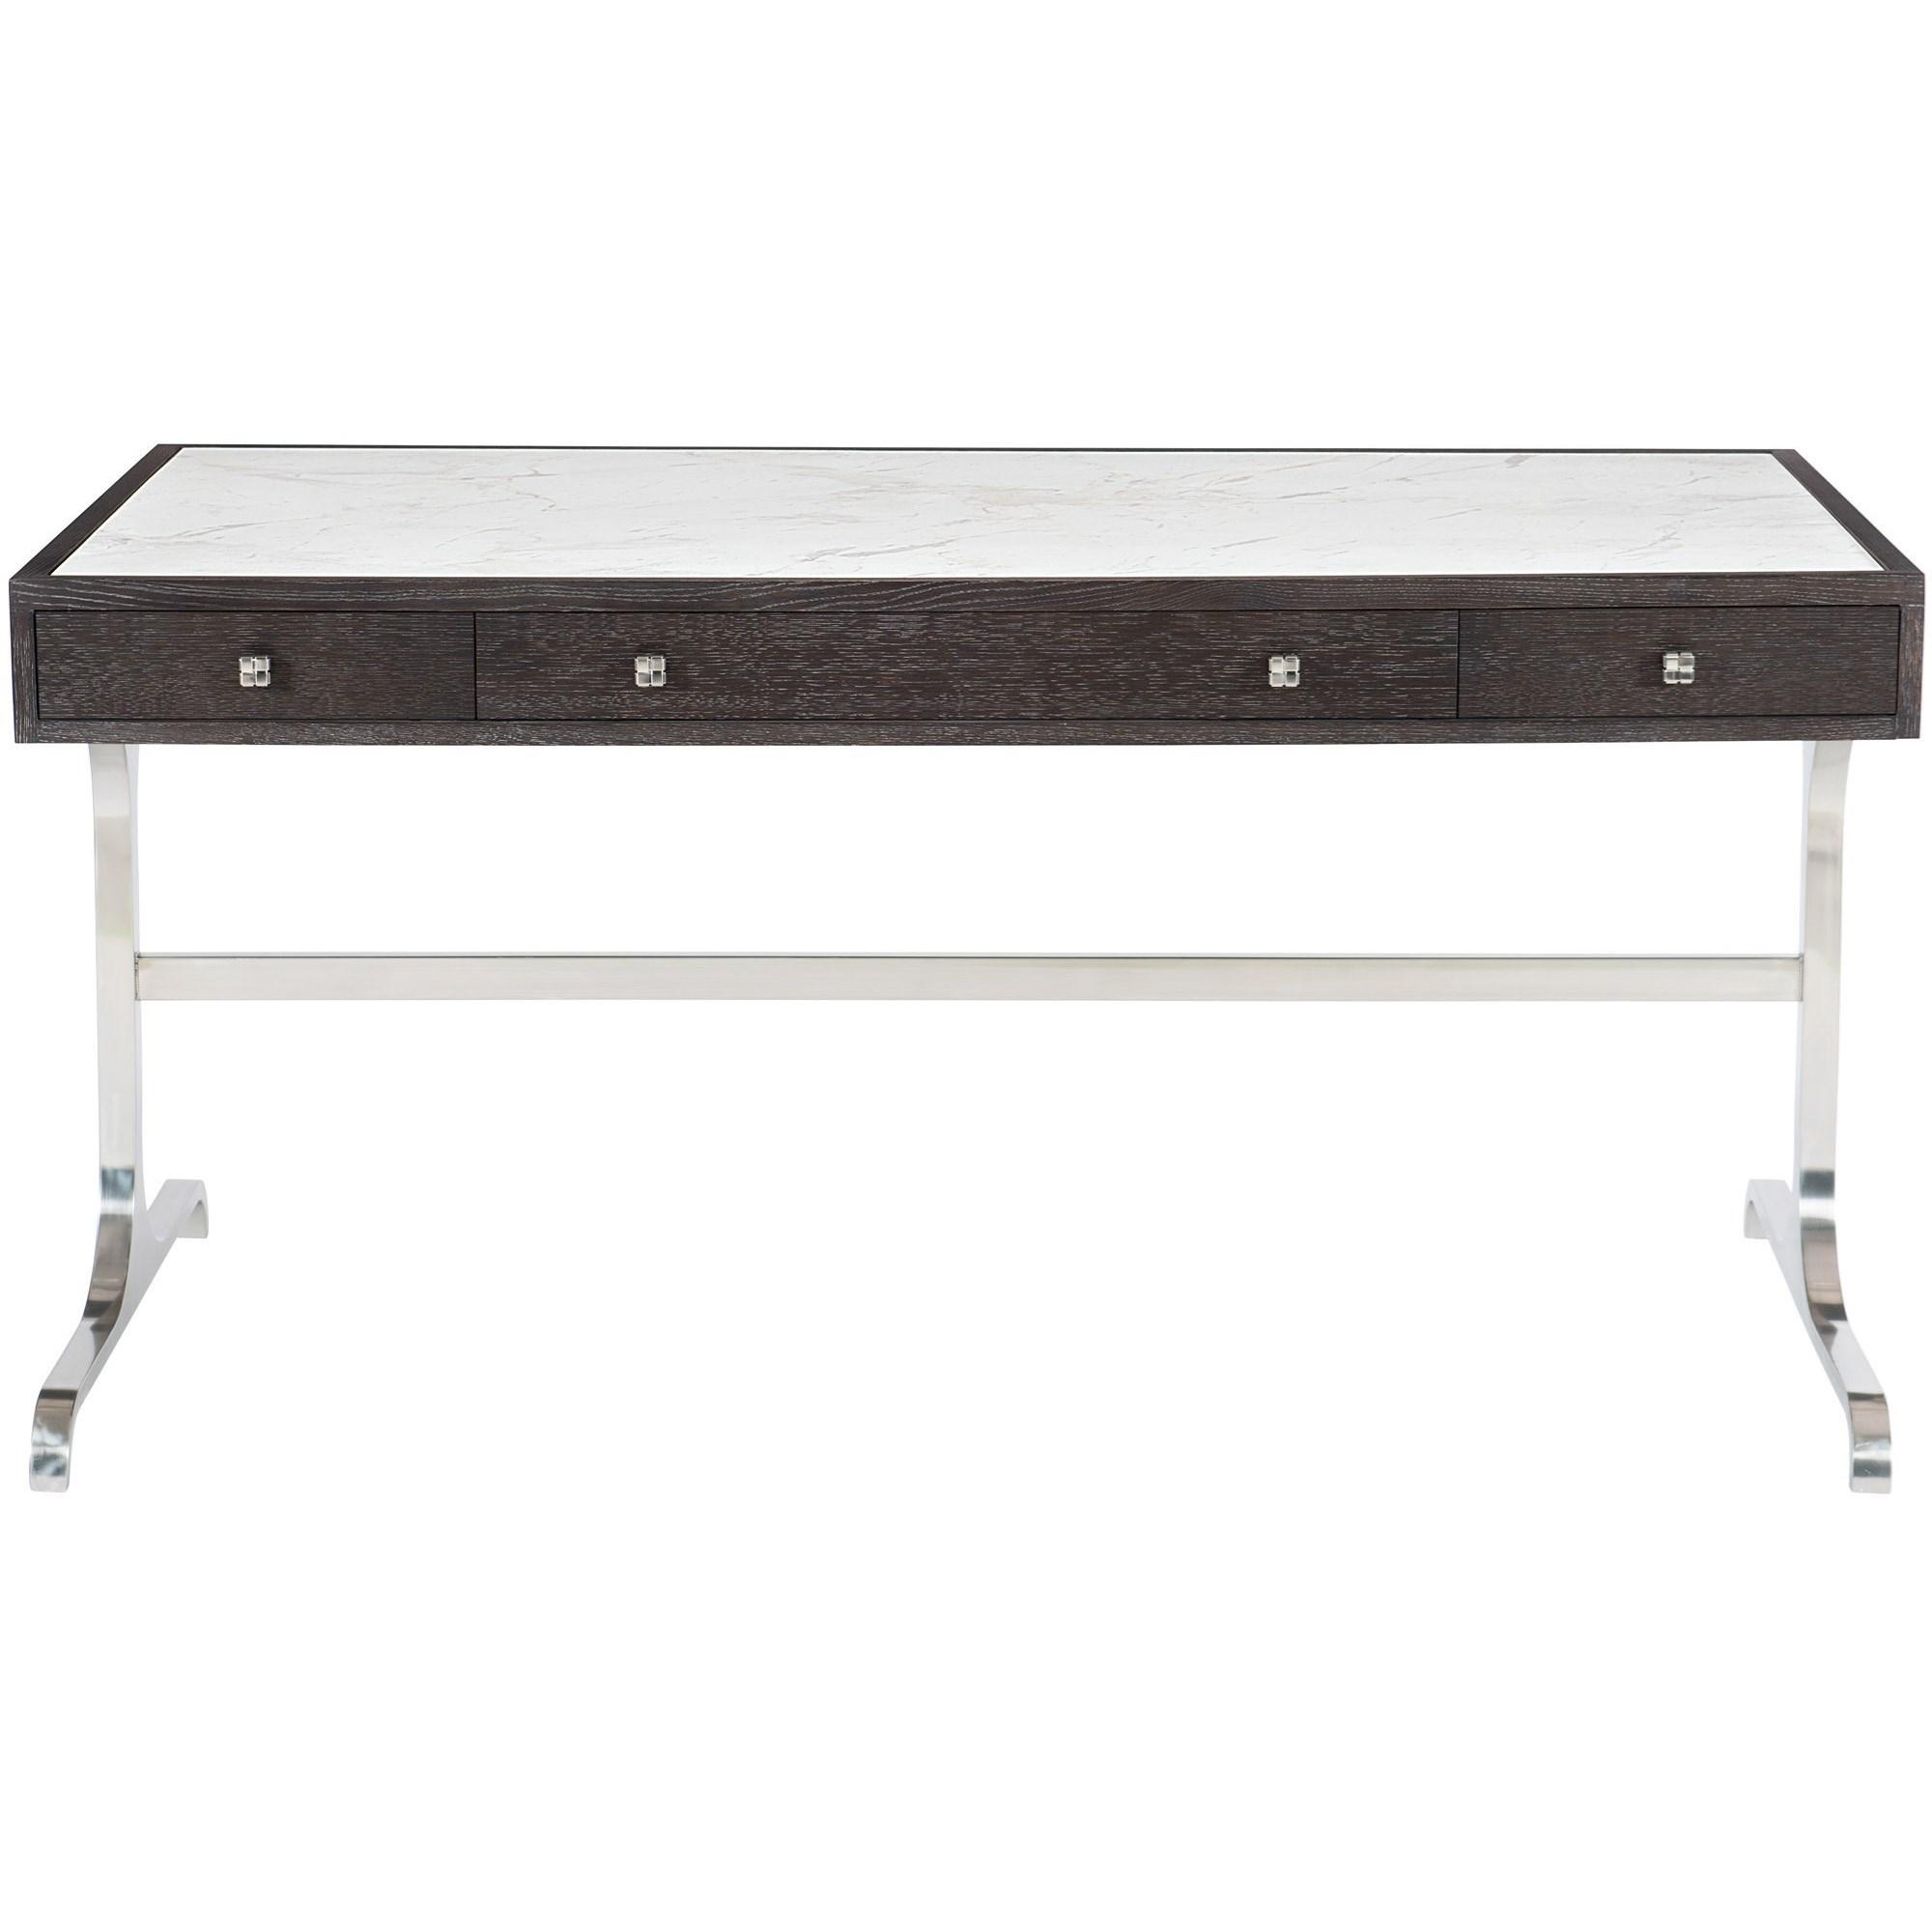 Decorage Desk by Bernhardt at Baer's Furniture